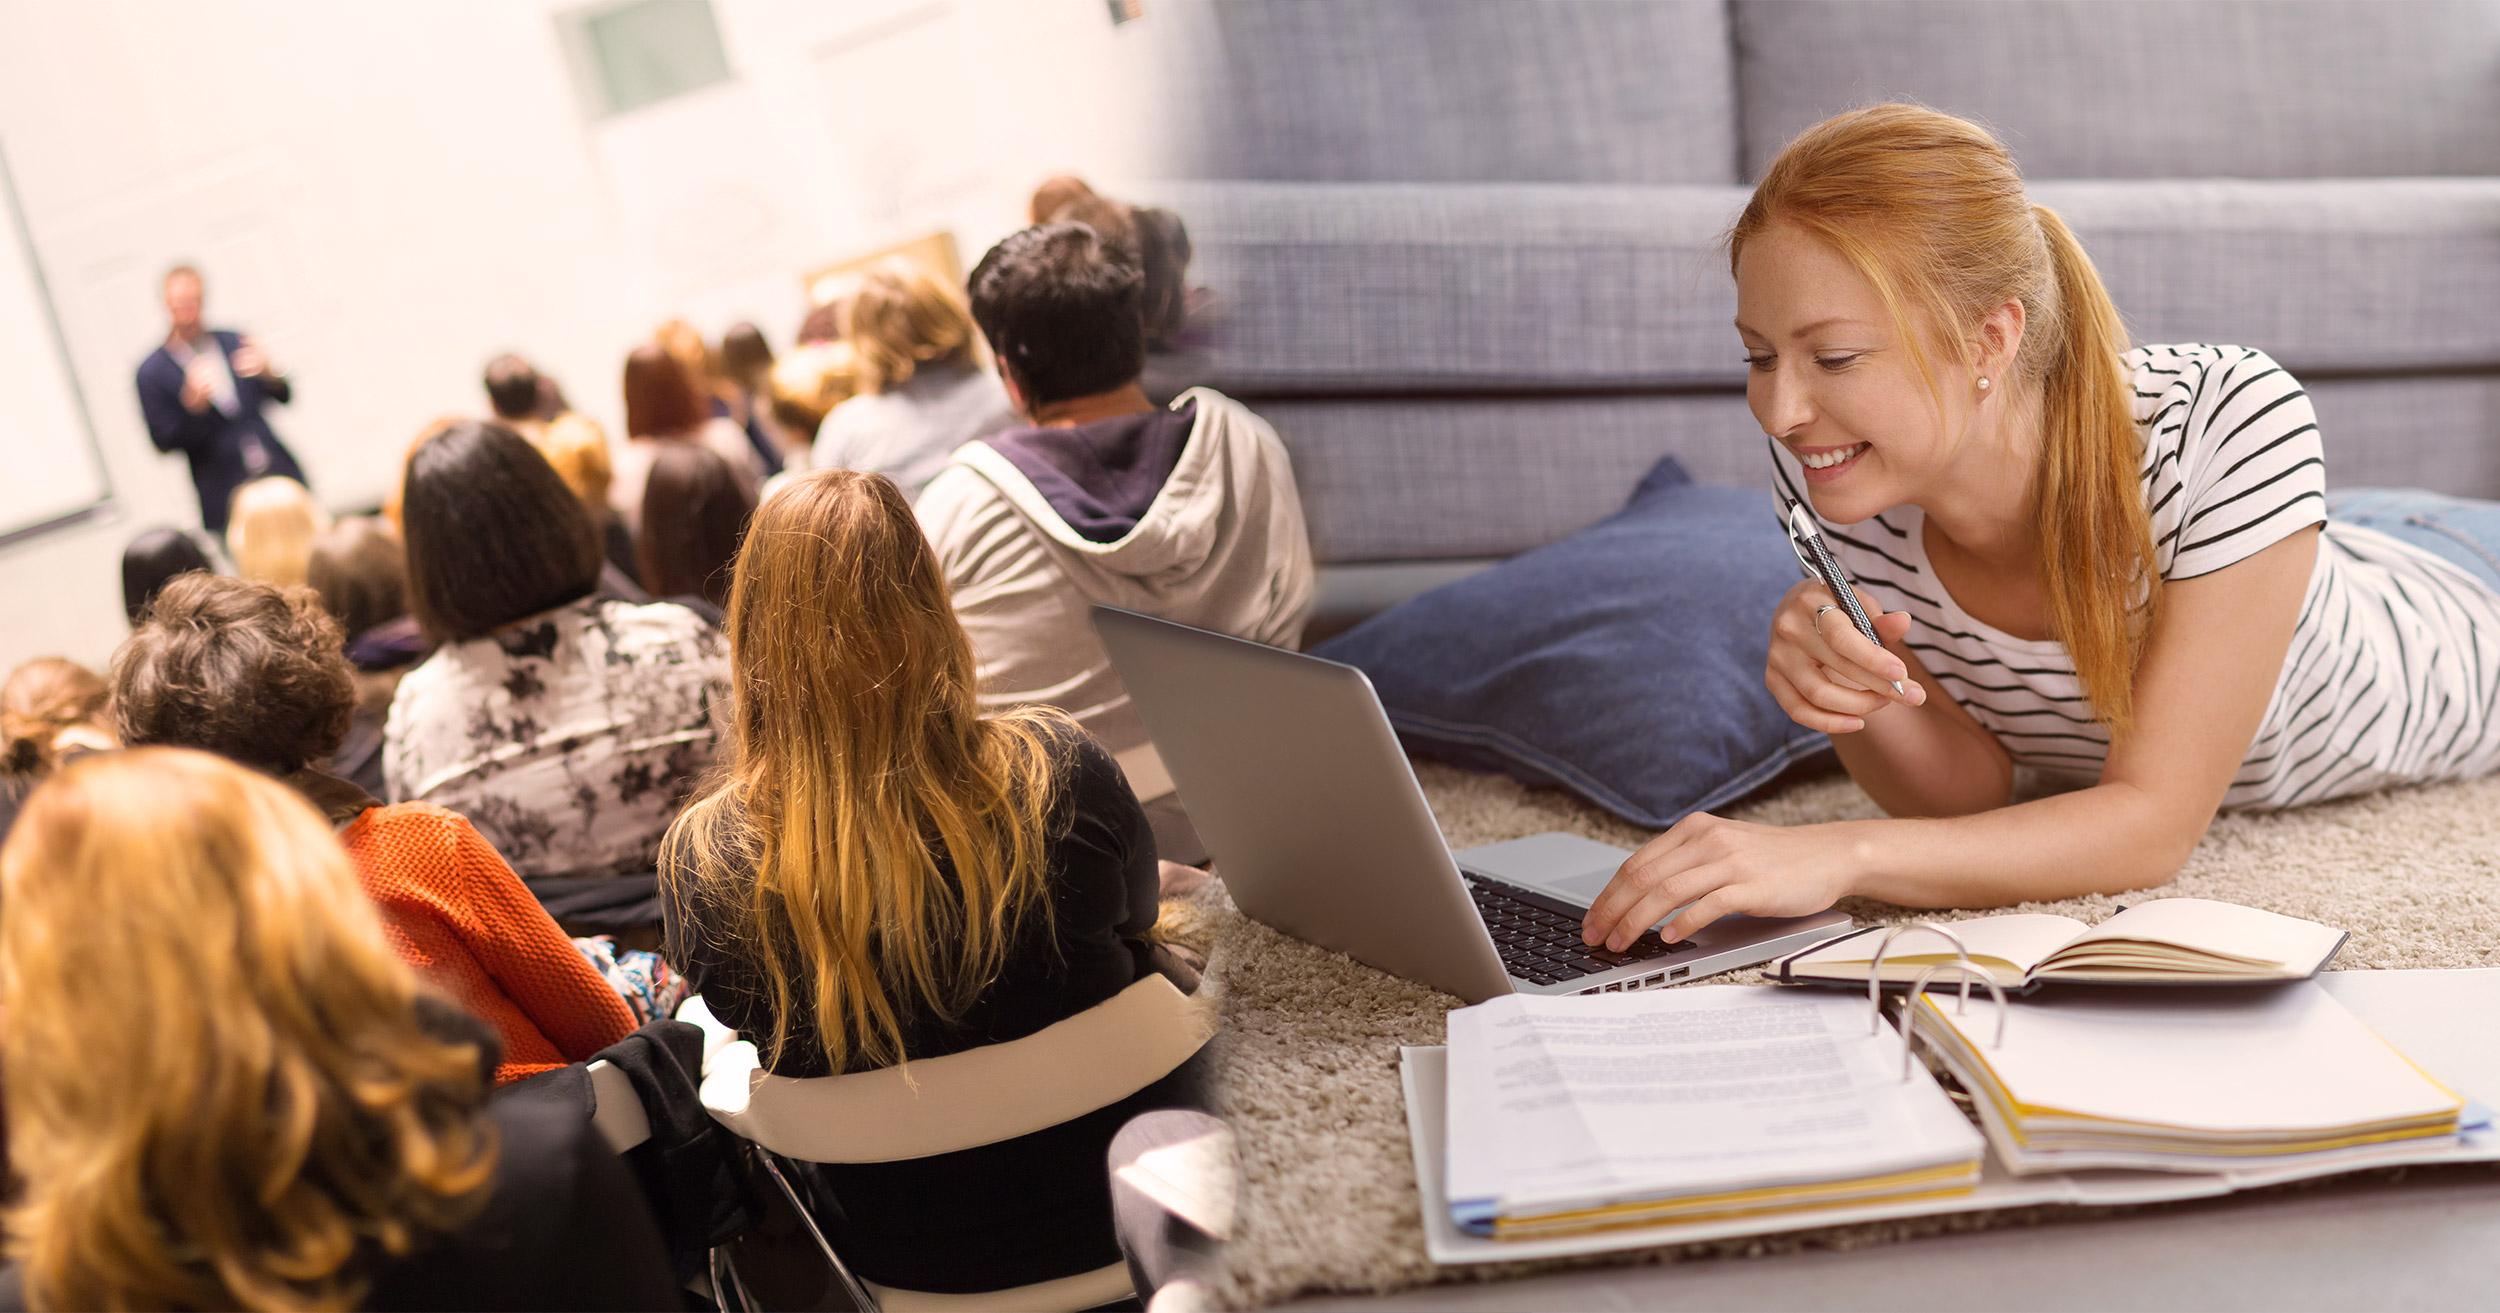 Les différences entre études classiques et études à distance